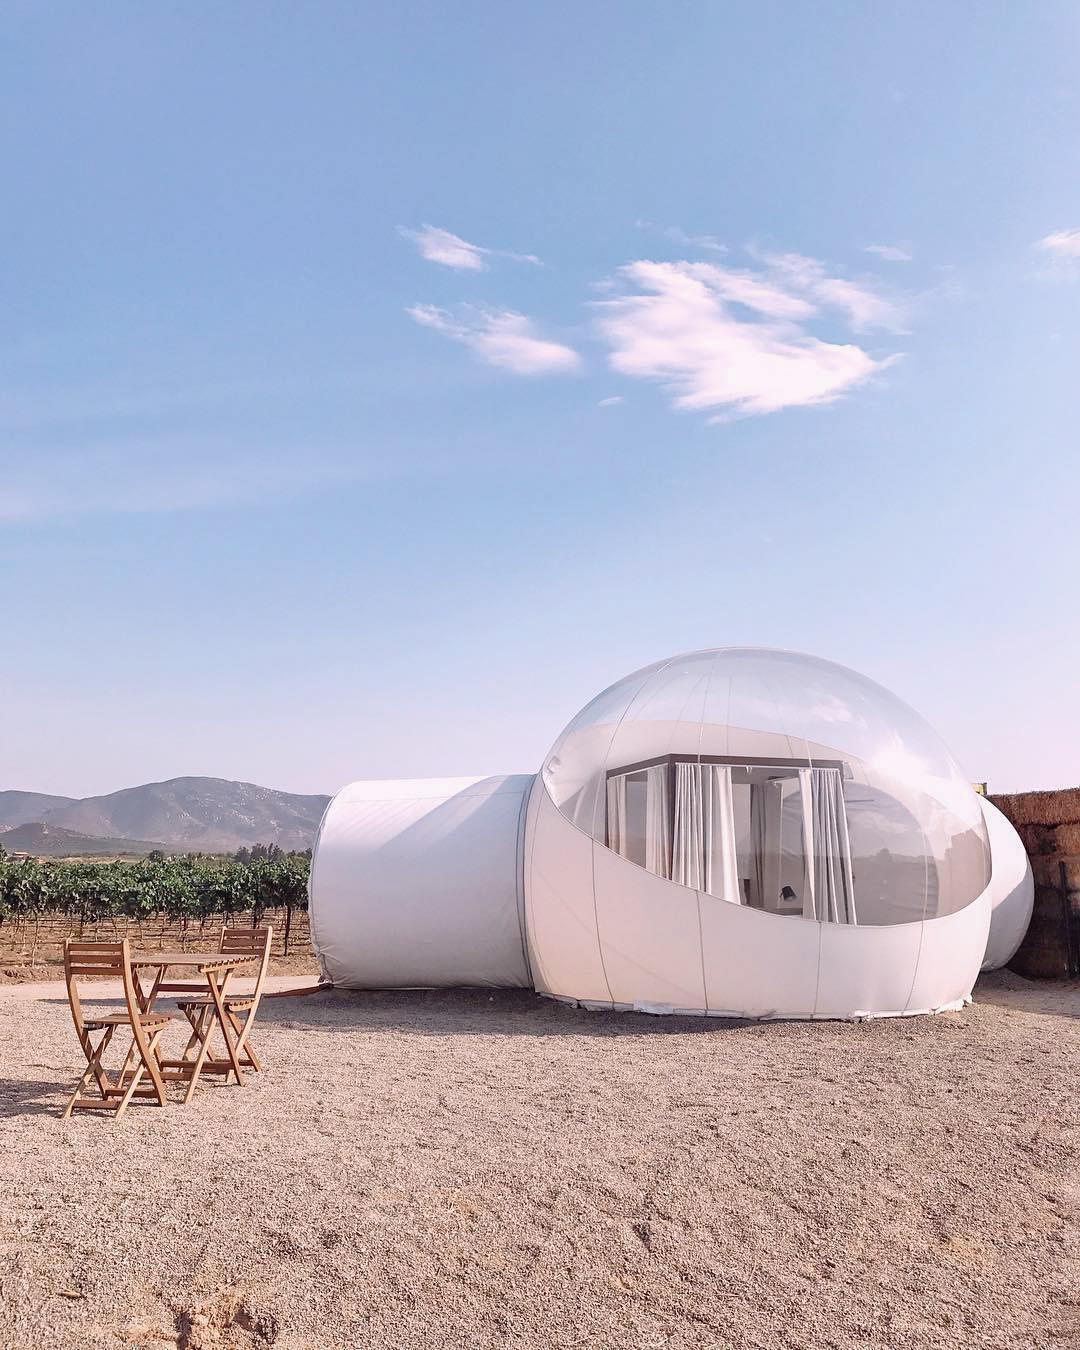 浪漫的野外露营 帐篷酒店坎佩拉酒店